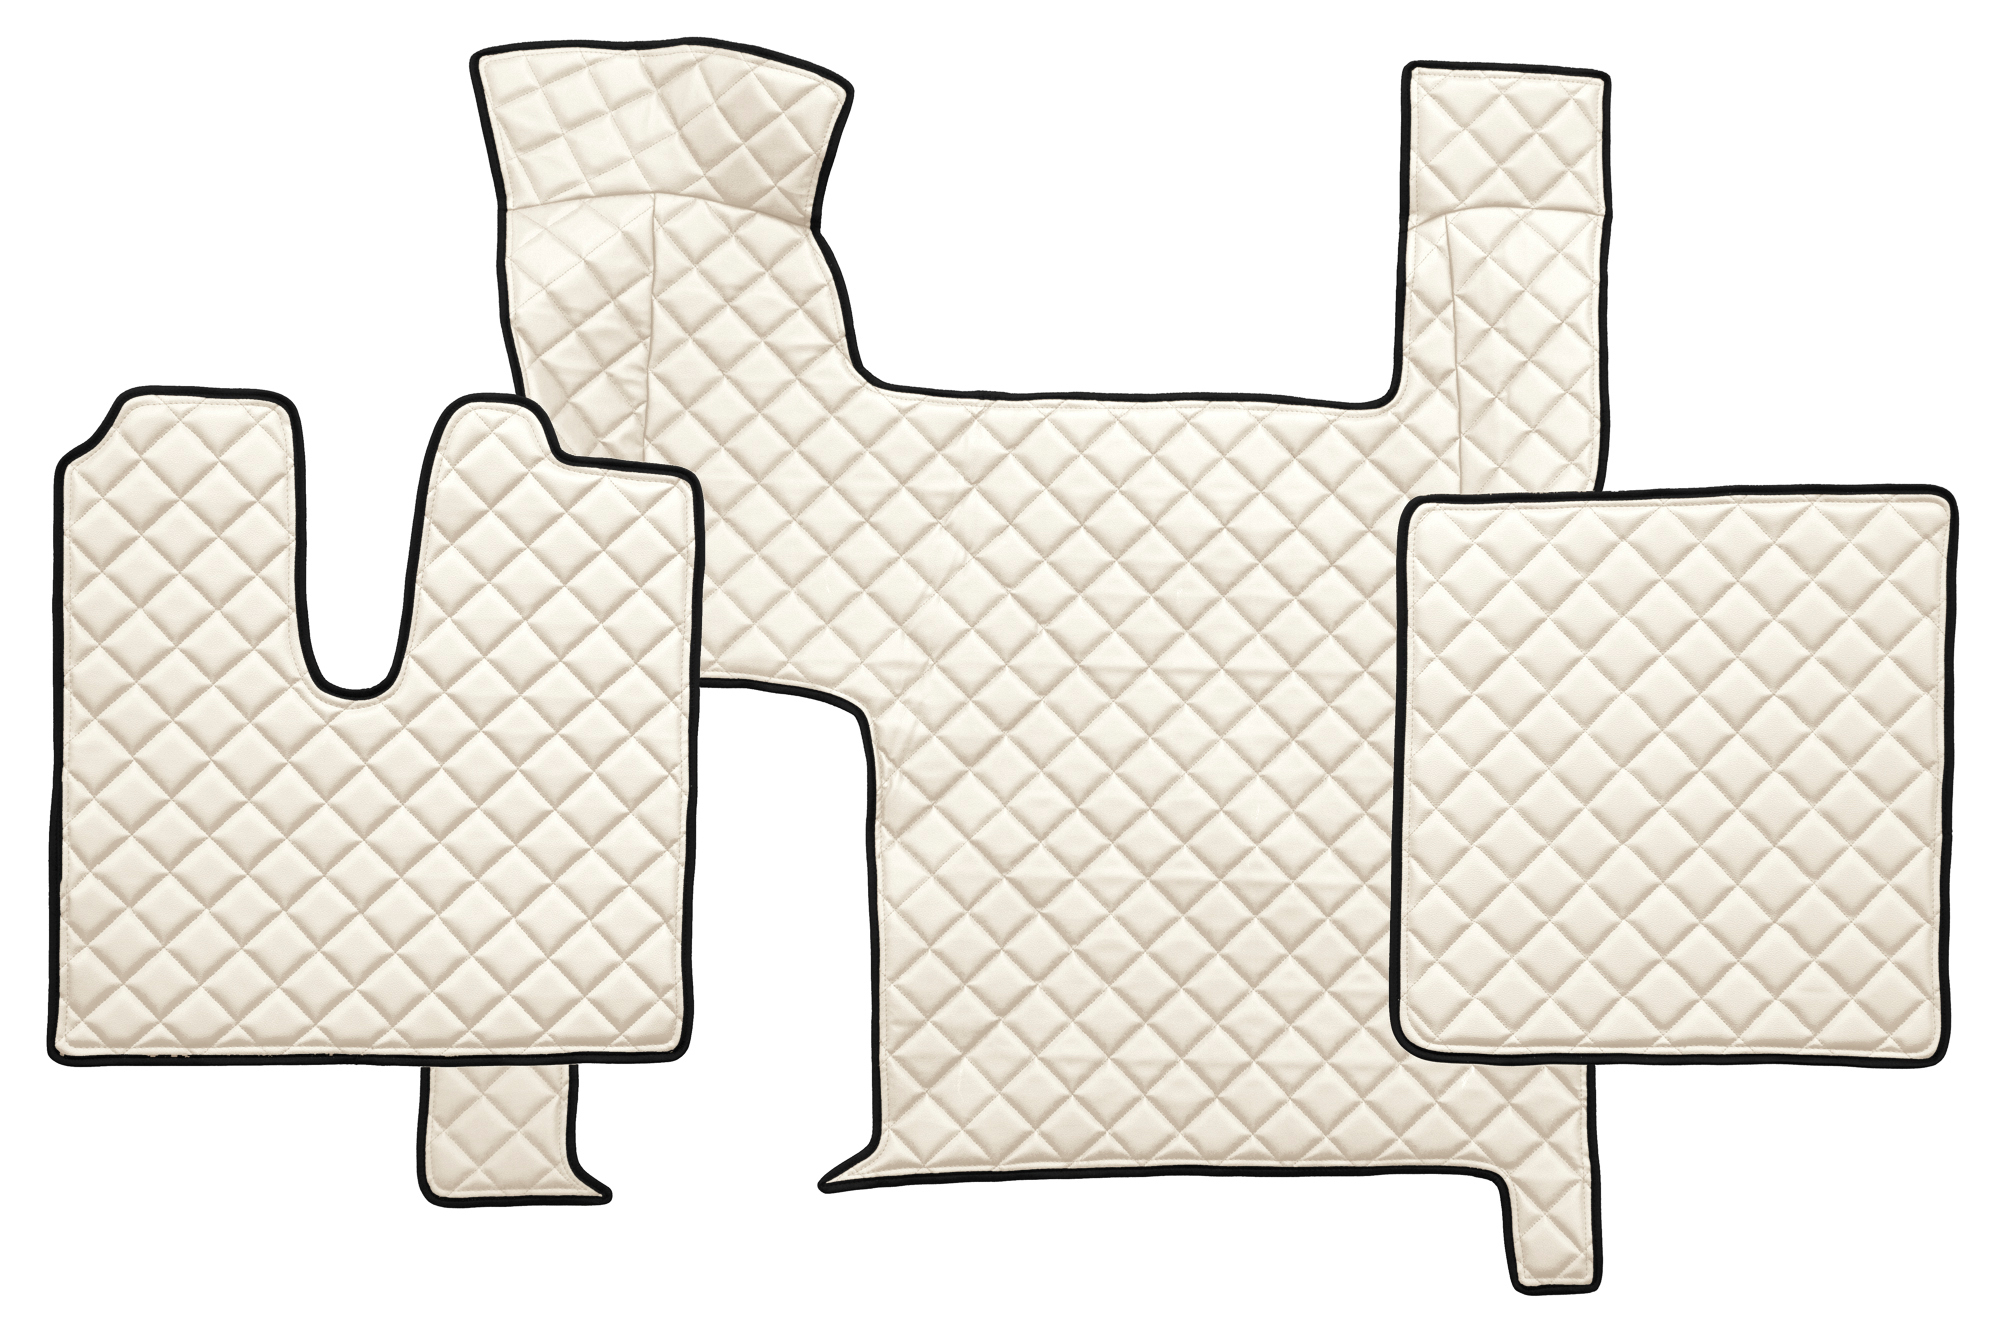 fl06 volle deckung lkw fu matten eco kunstleder man tgx automat zwei schubladen trucks. Black Bedroom Furniture Sets. Home Design Ideas